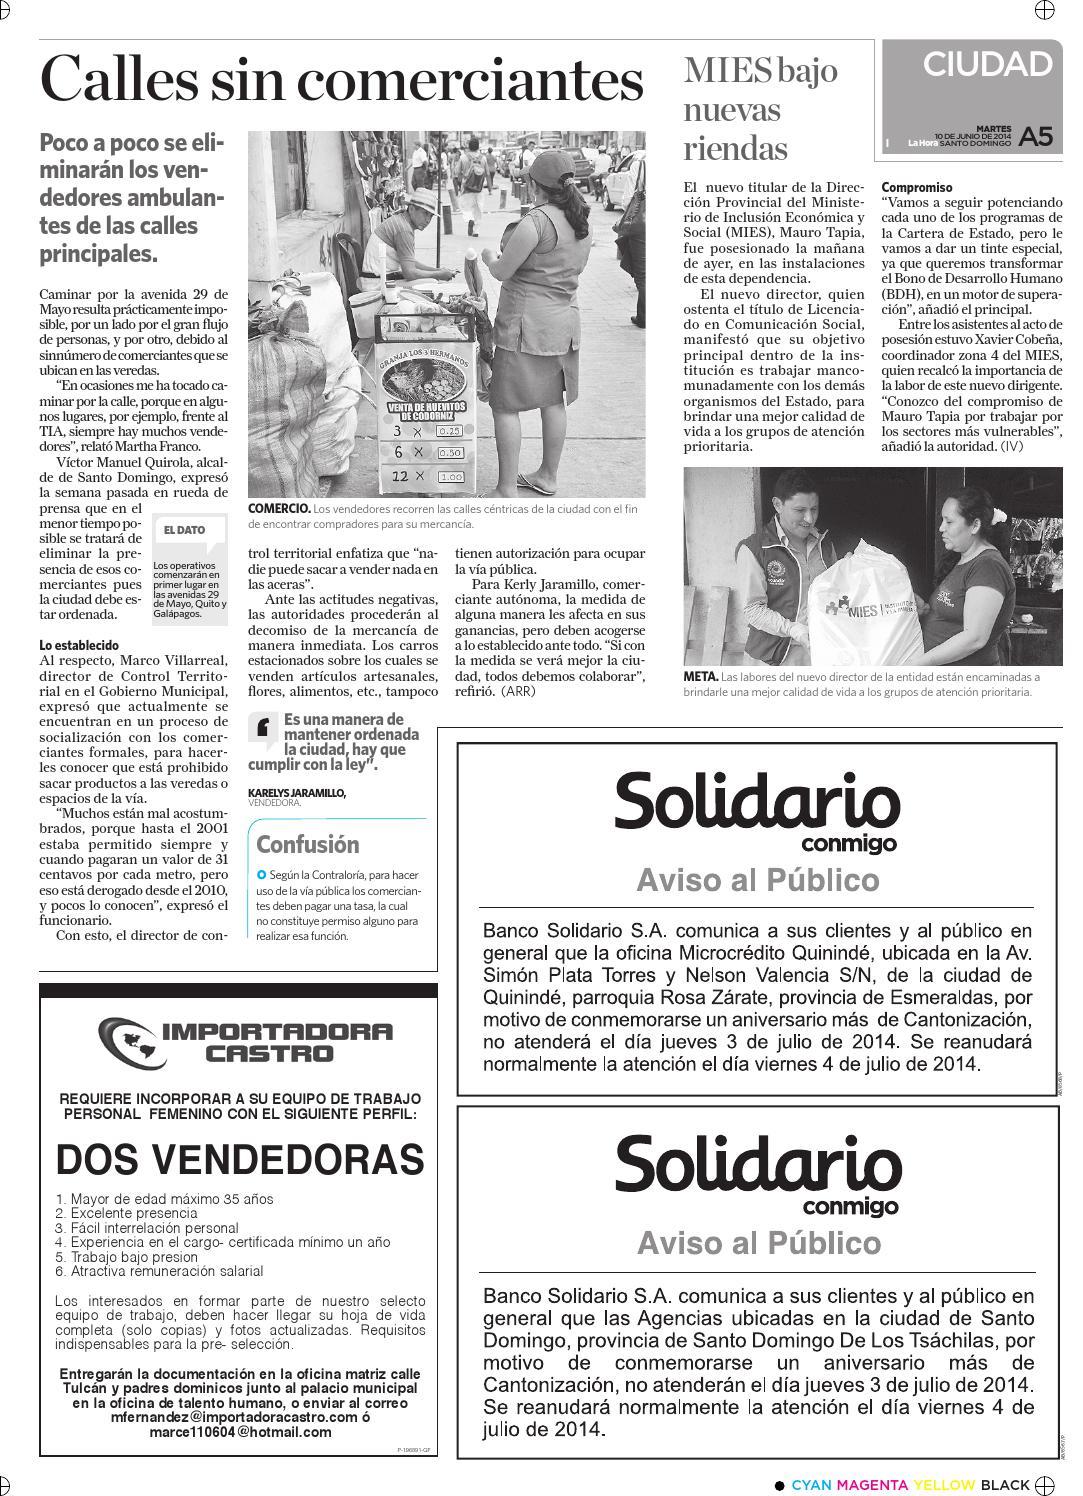 Santo Domingo 10 junio 2014 by Diario La Hora Ecuador - issuu